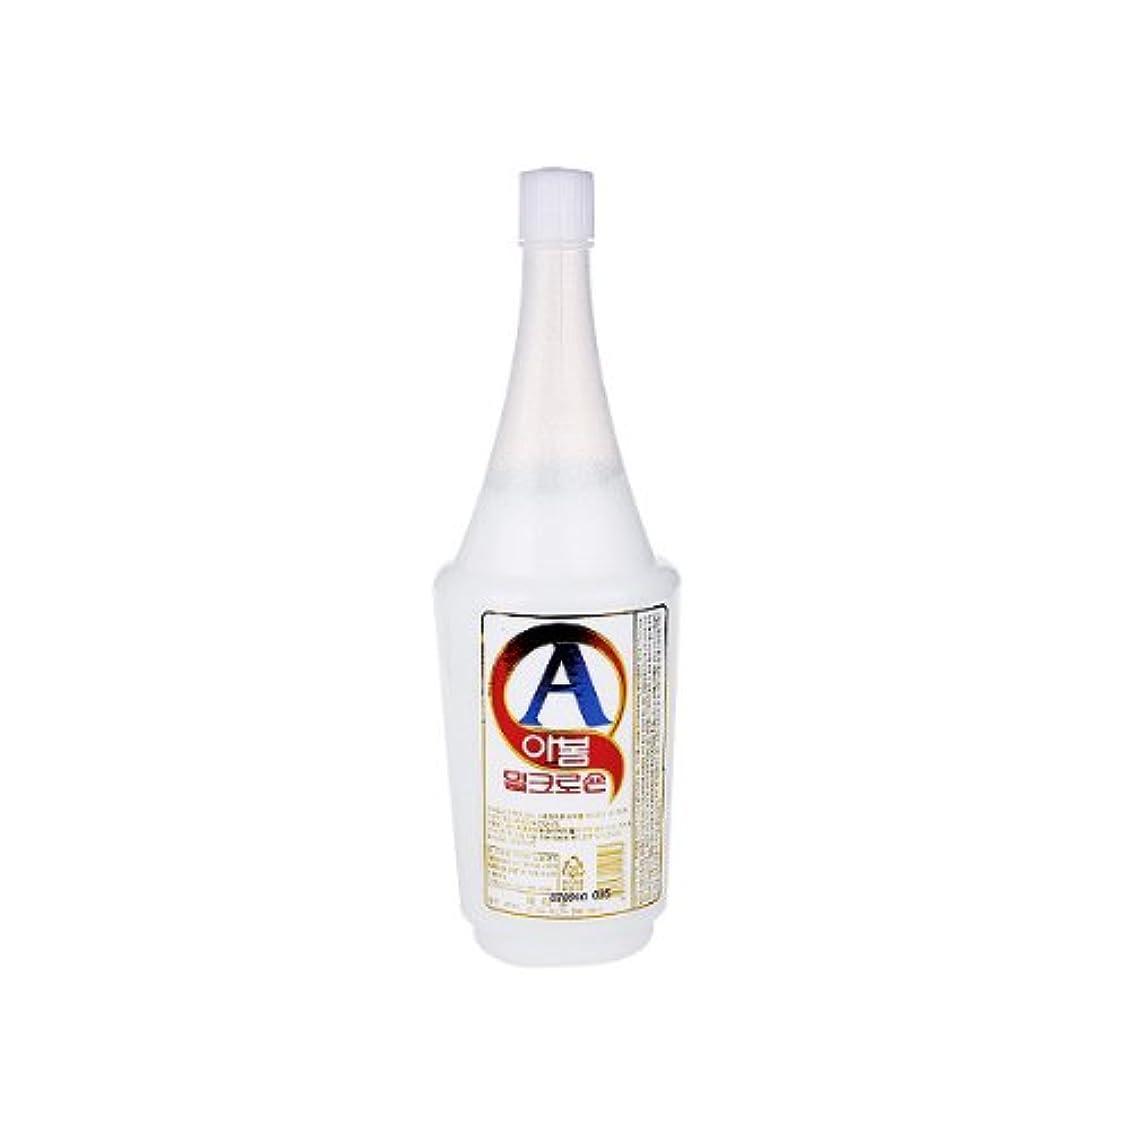 備品変形する滝アボム ミルクローション 450ml マッサージ用 乳液 業務用